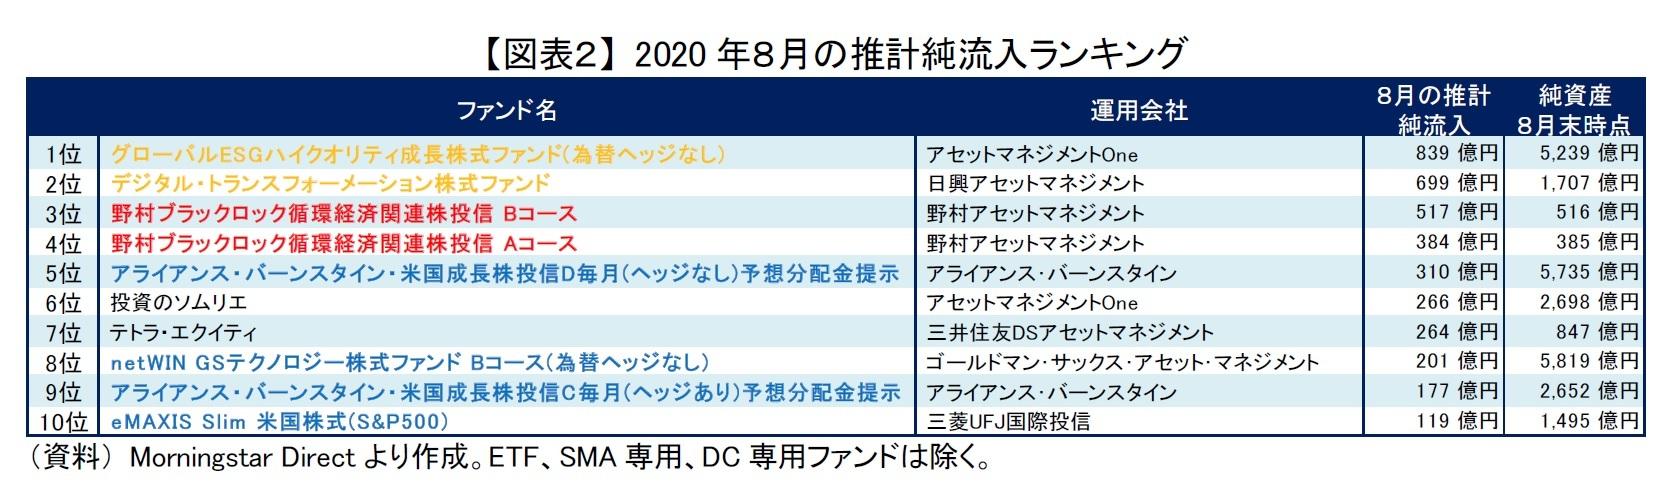 【図表2】 2020年8月の推計純流入ランキング